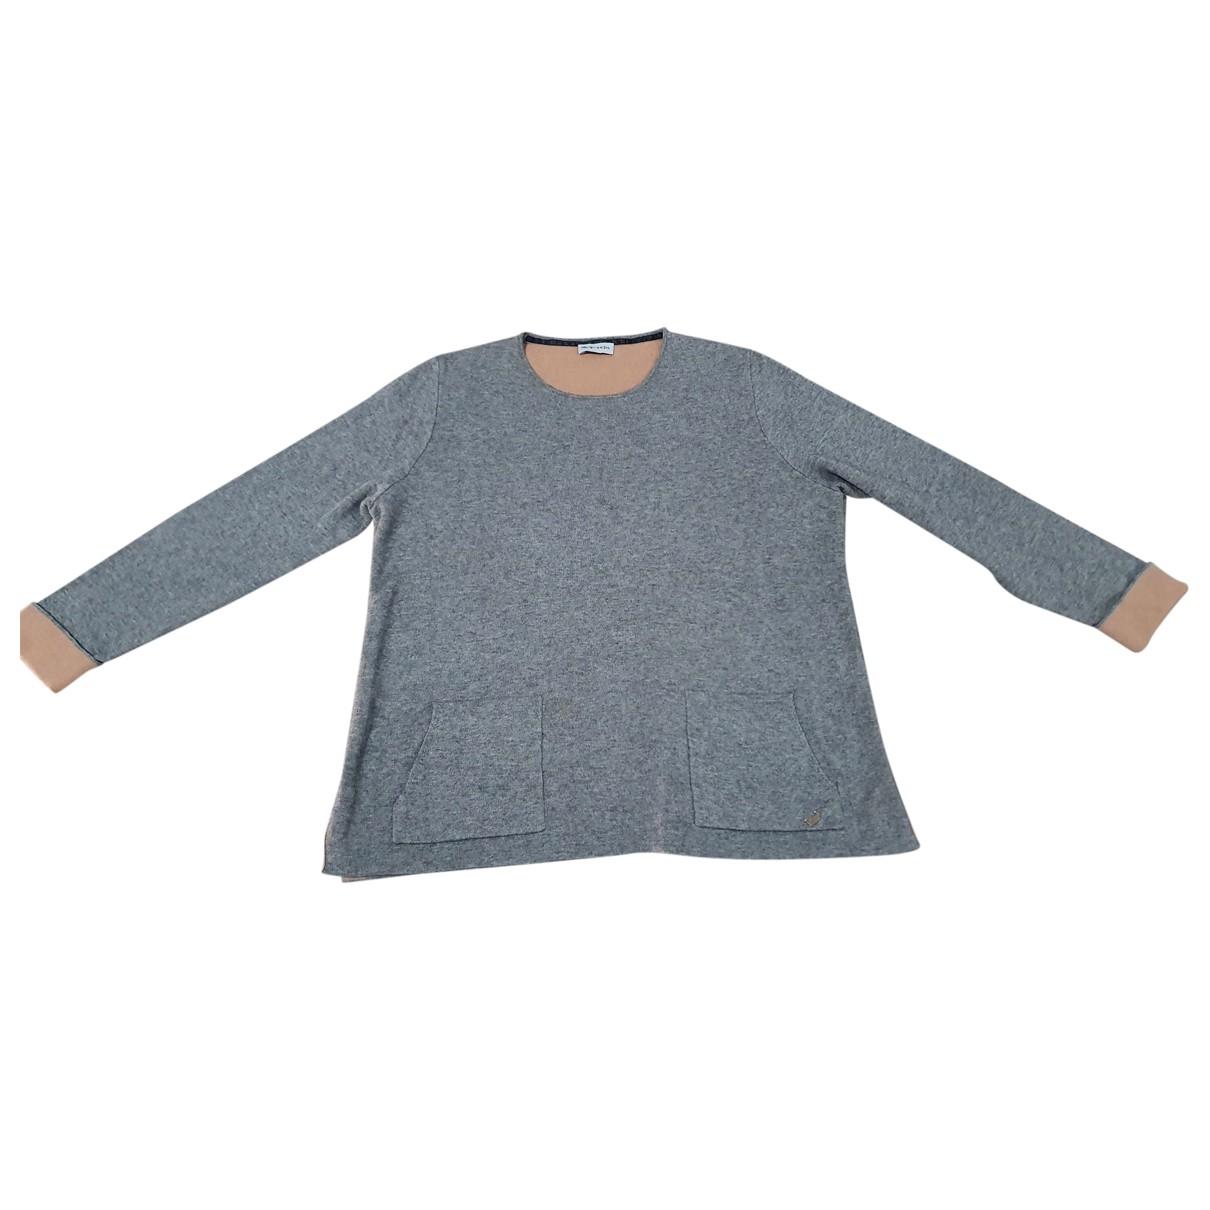 Krizia \N Grey Knitwear for Women L International